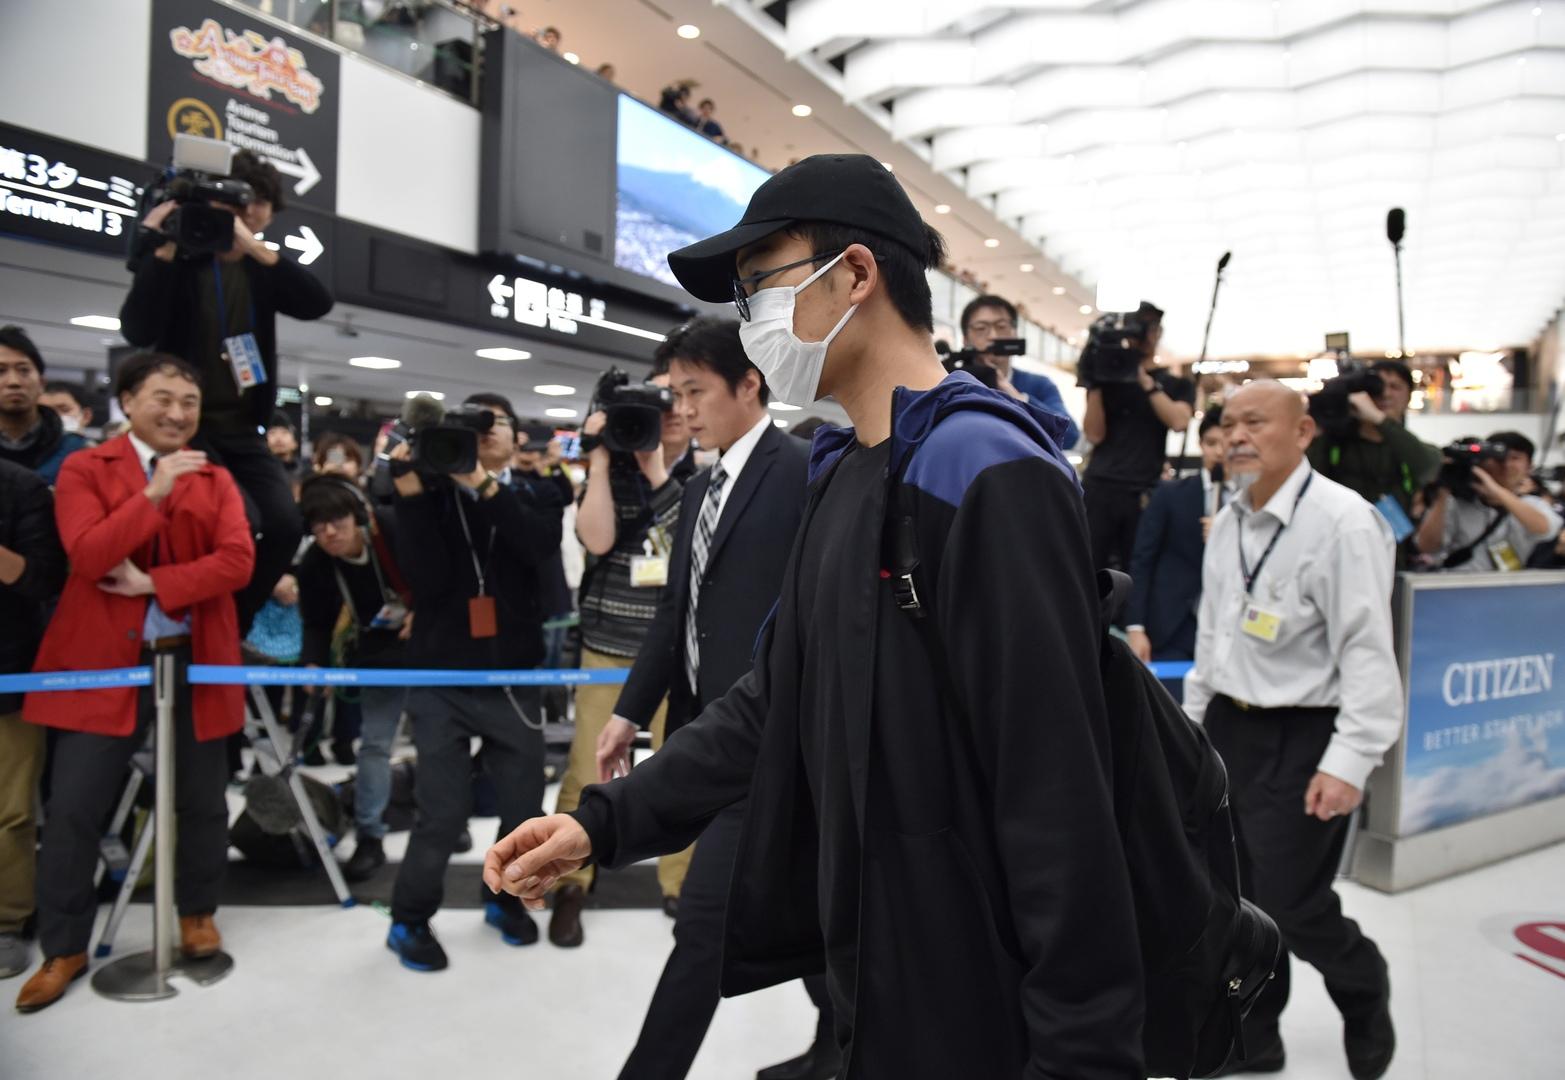 إصابة لاعب بكورونا تتسبب في انسحاب جميع اللاعبين اليابانيين من بطولتين